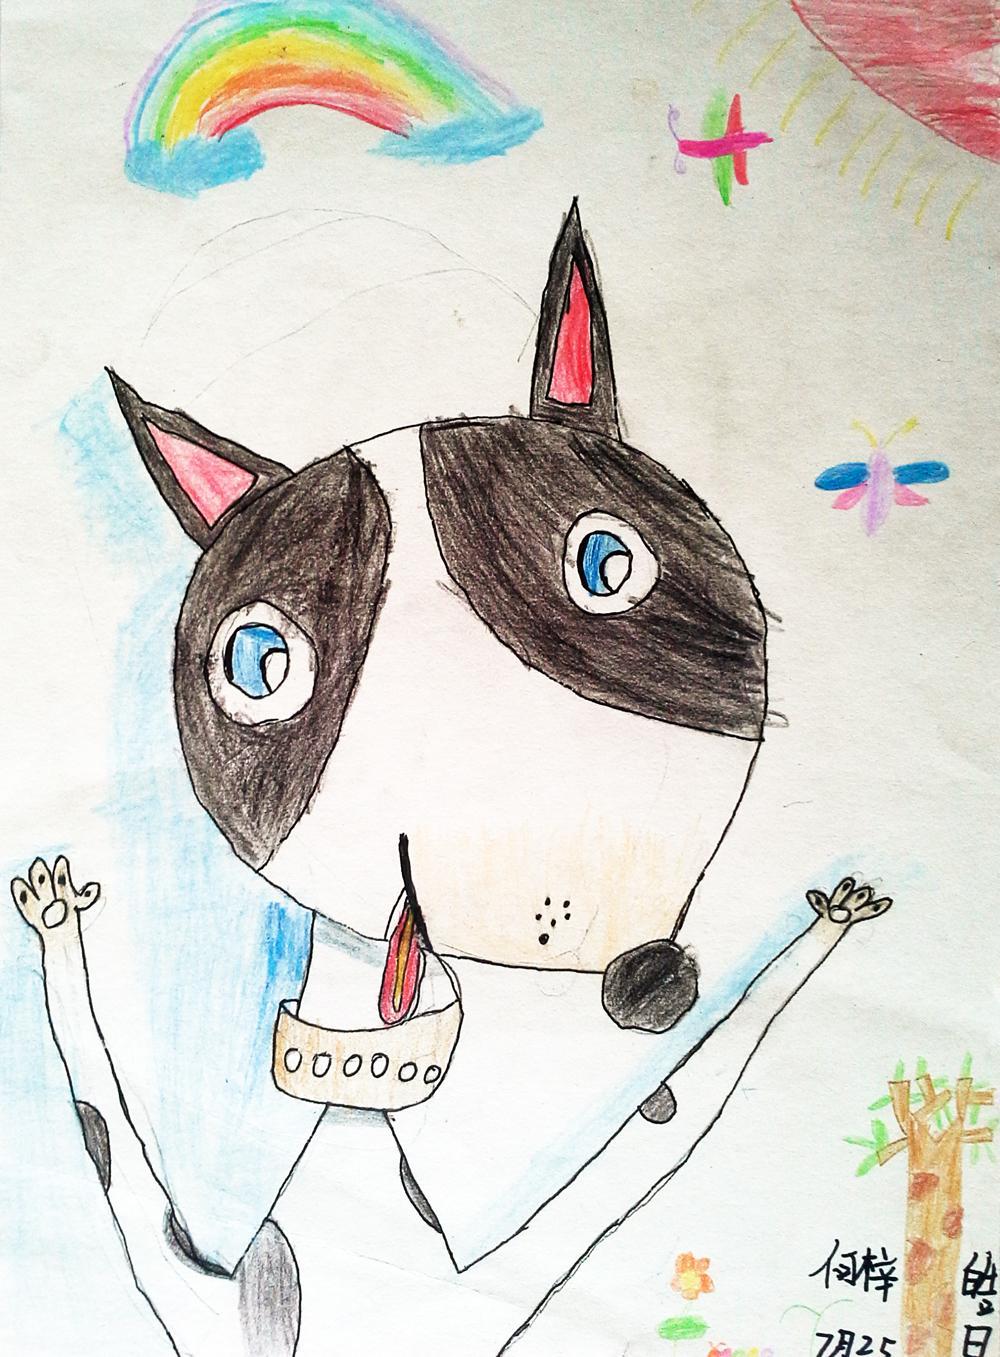 小狗-蜡笔画图集9